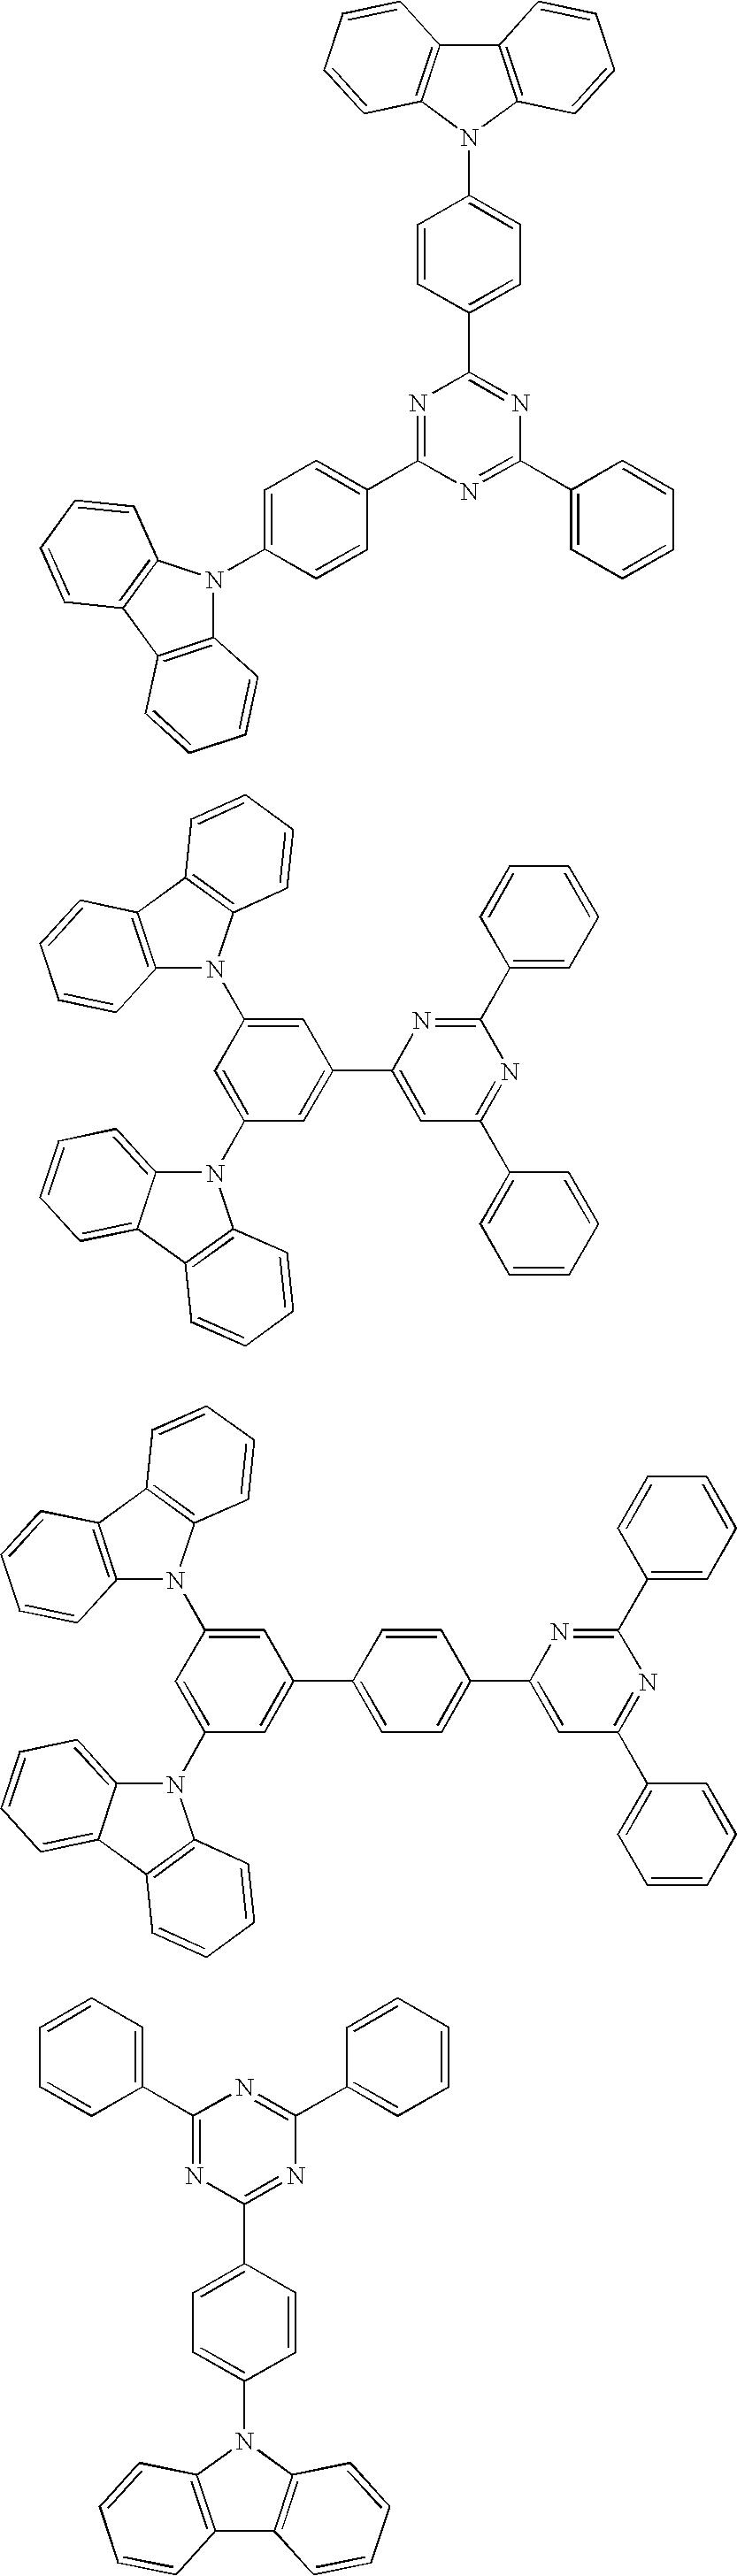 Figure US07608993-20091027-C00016